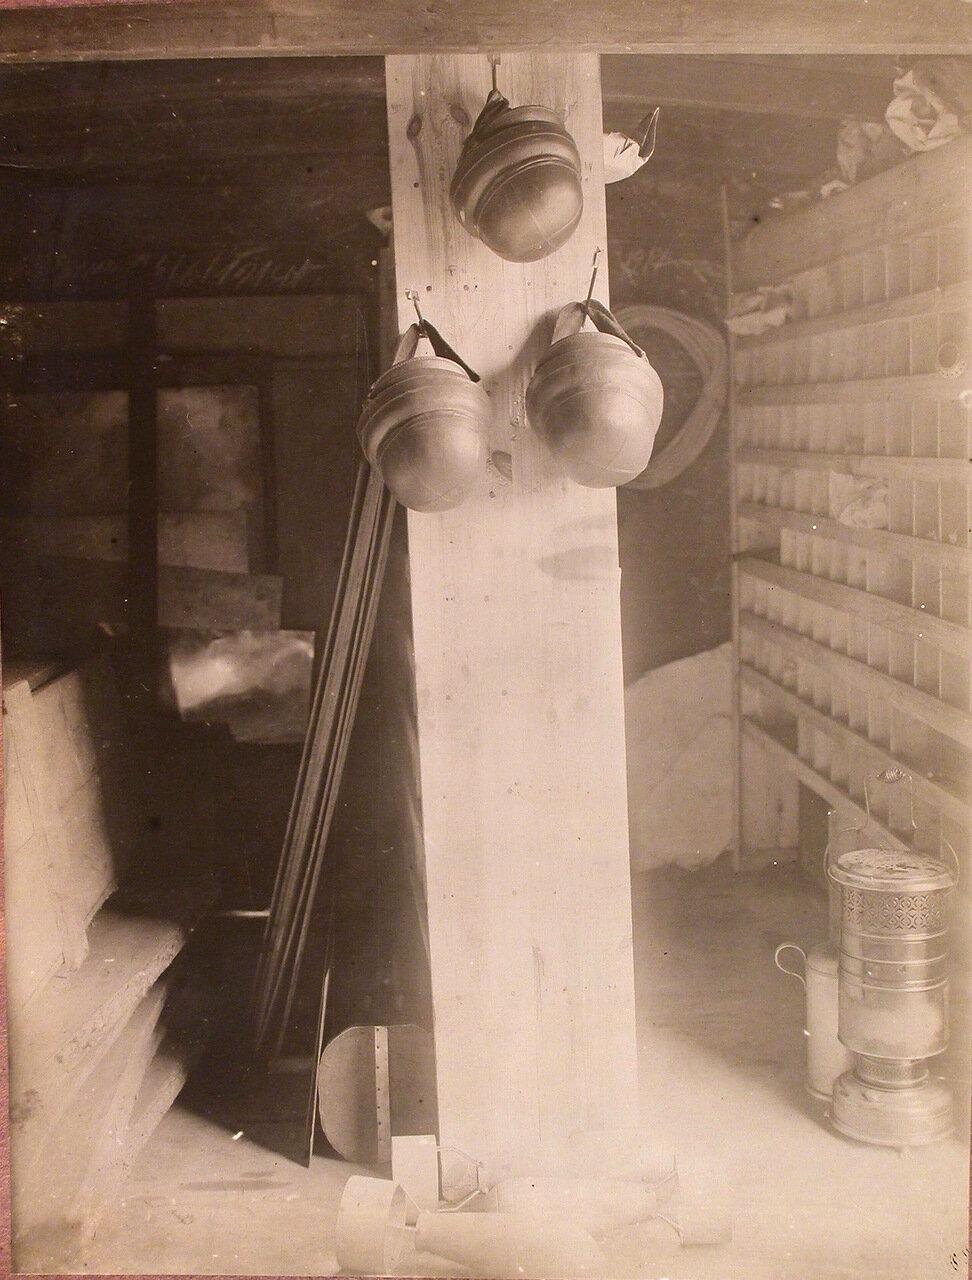 03. Вид части склада запасных частей, разместившегося в одном из вагонов железнодорожного состава, перевозившего подвижную авиационную мастерскую